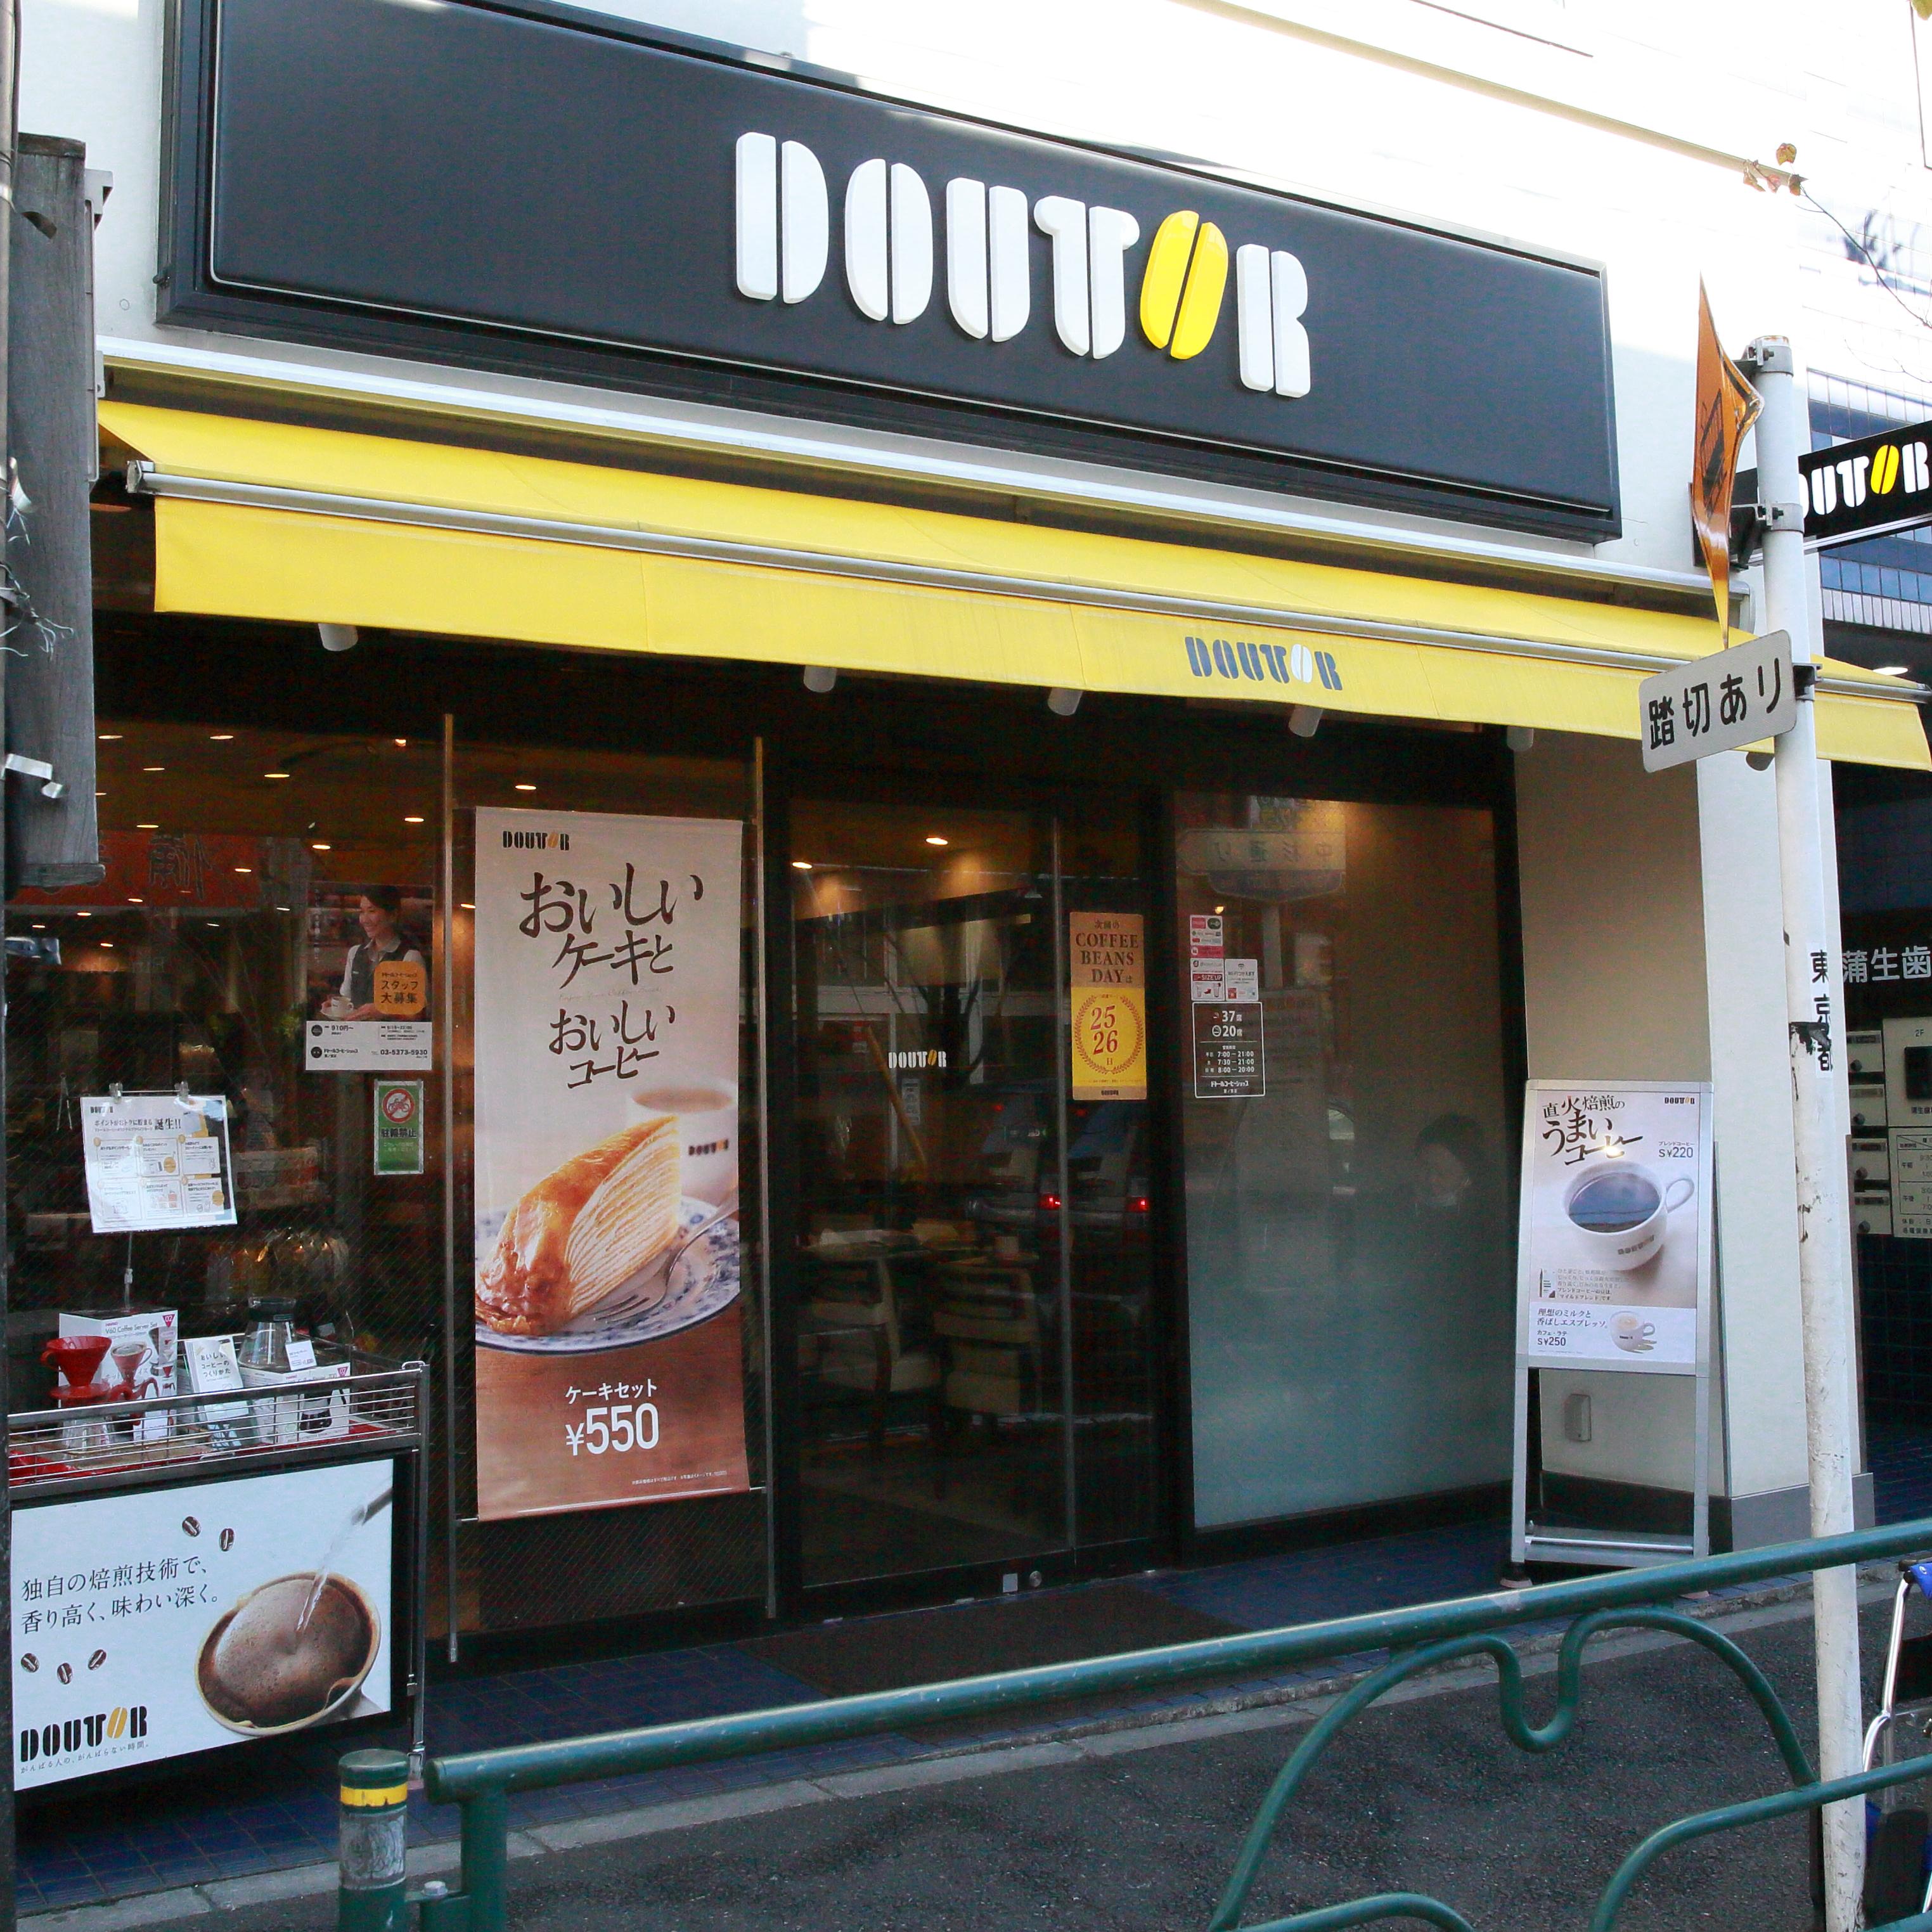 ドトールコーヒーショップ 鷺ノ宮店店舗写真